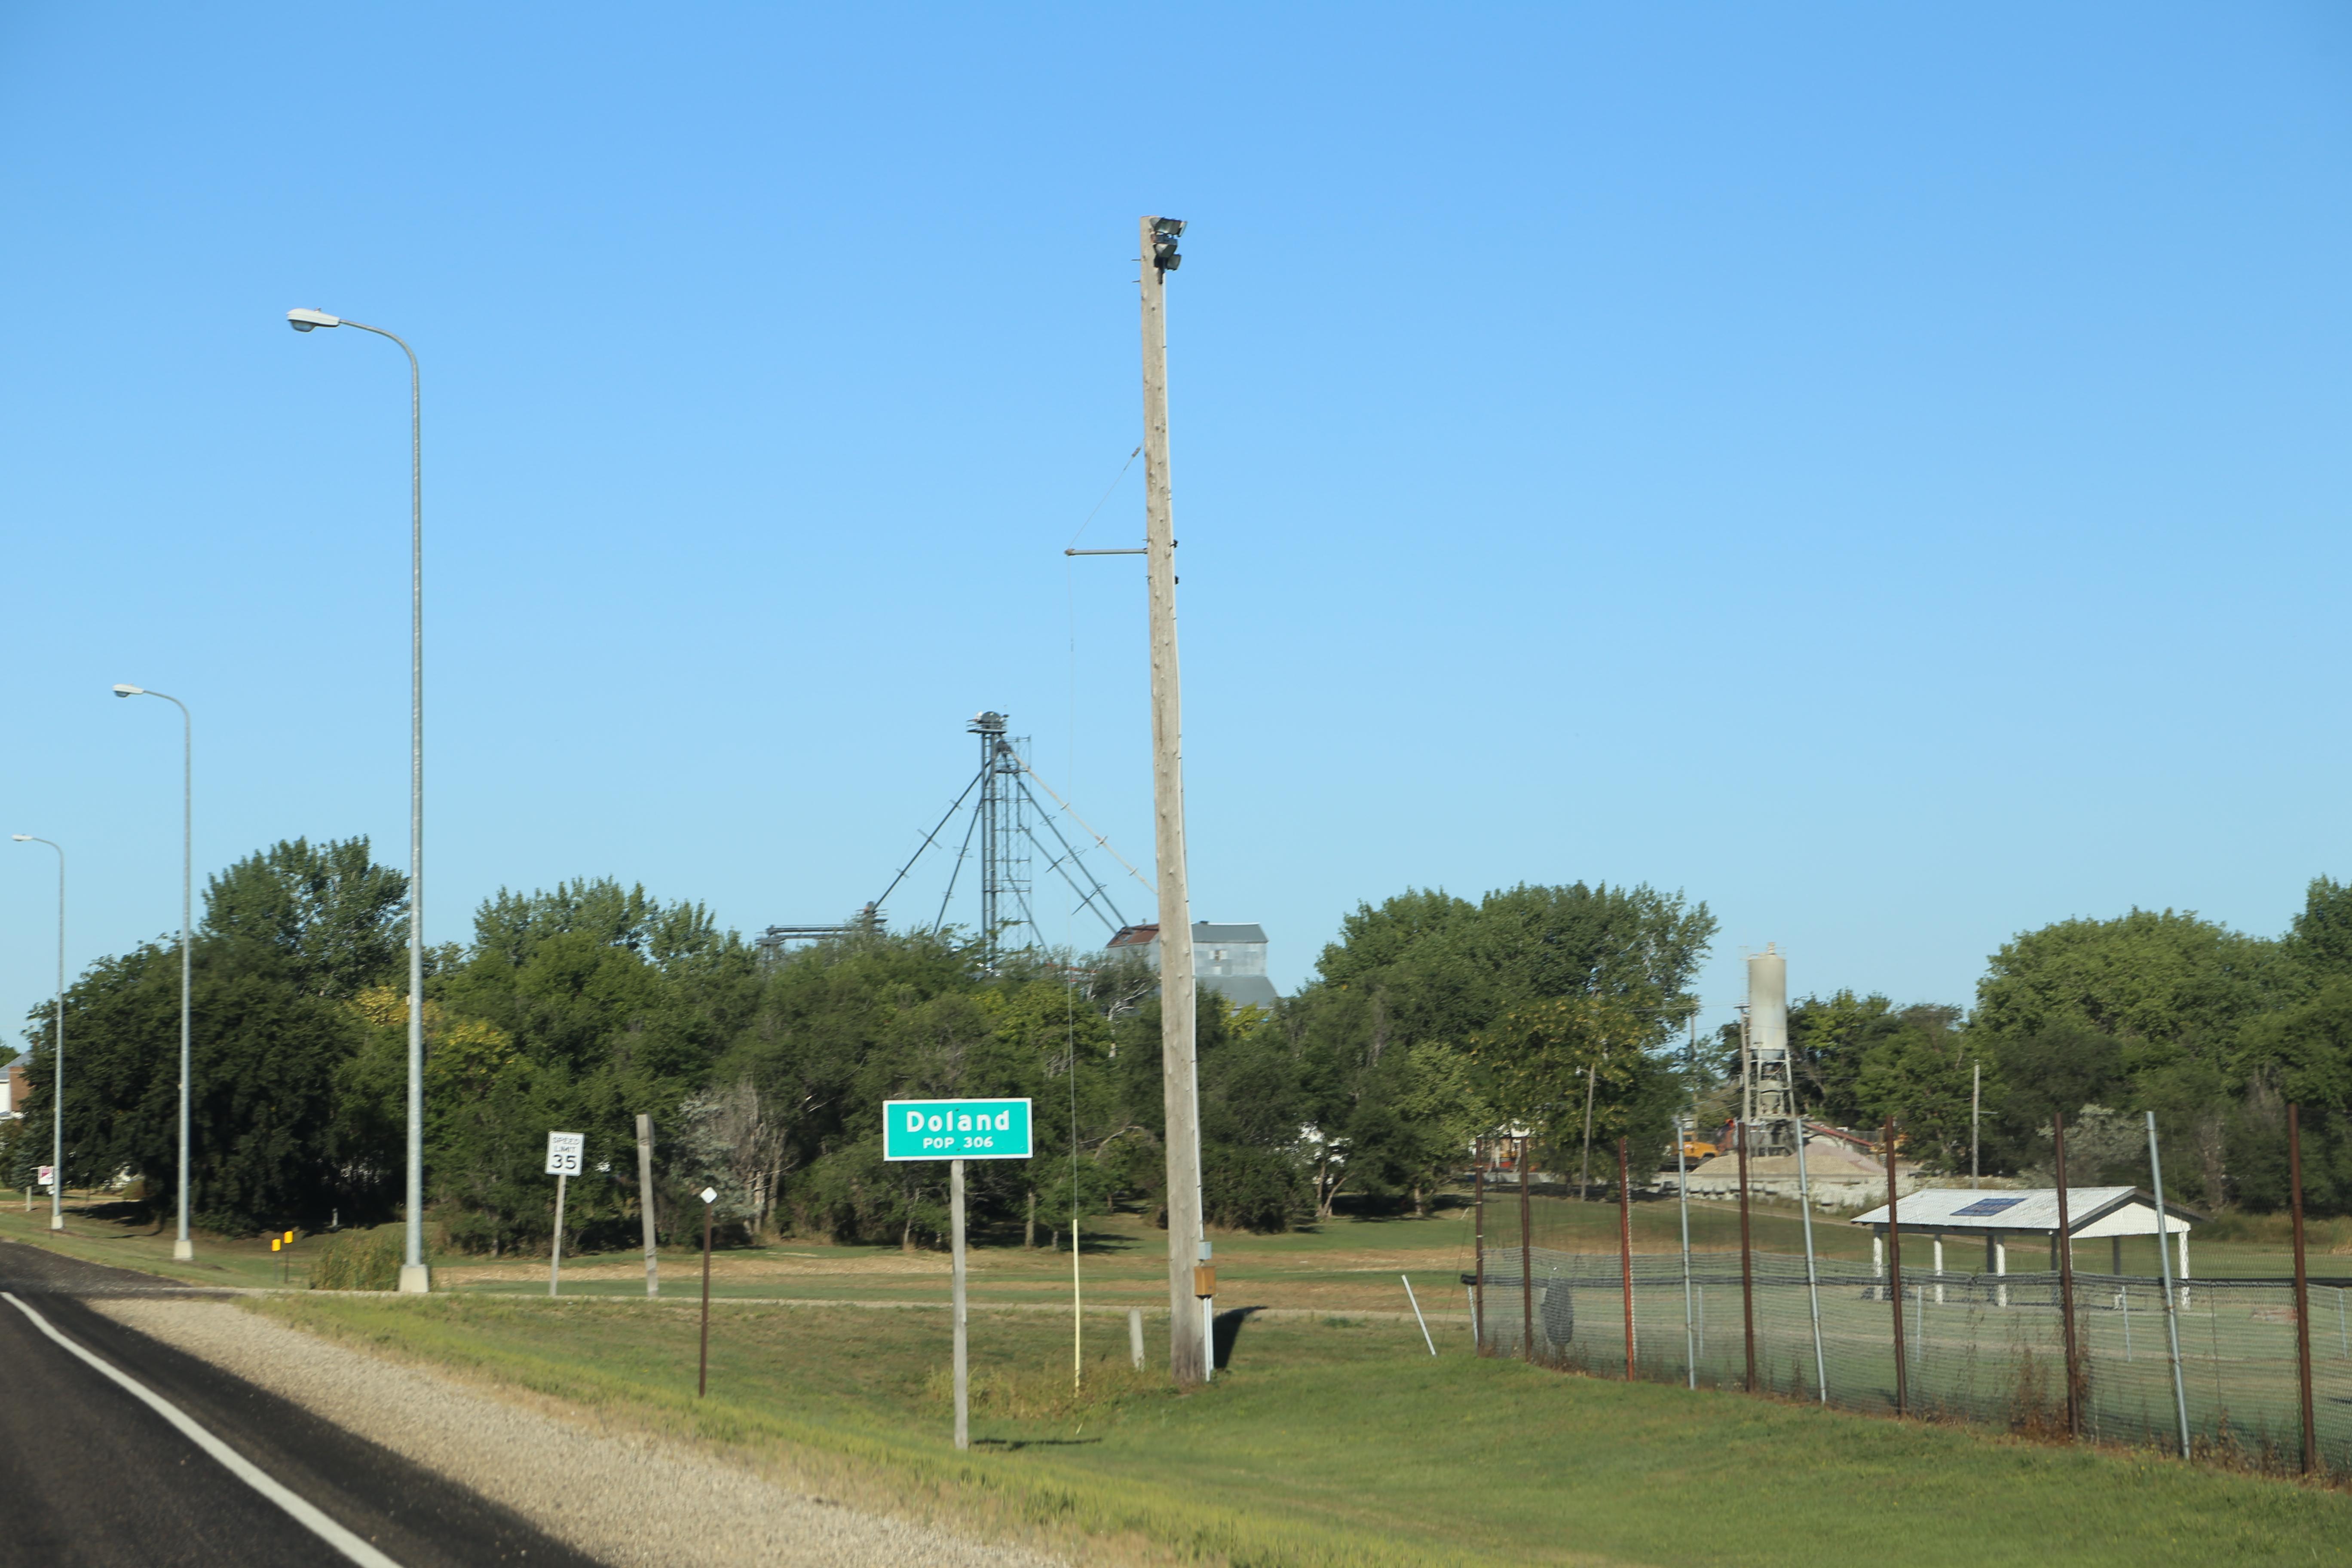 South dakota spink county doland - Spinkcountysd Dolandsouthdakota Doland South Dakota Spink County Sd